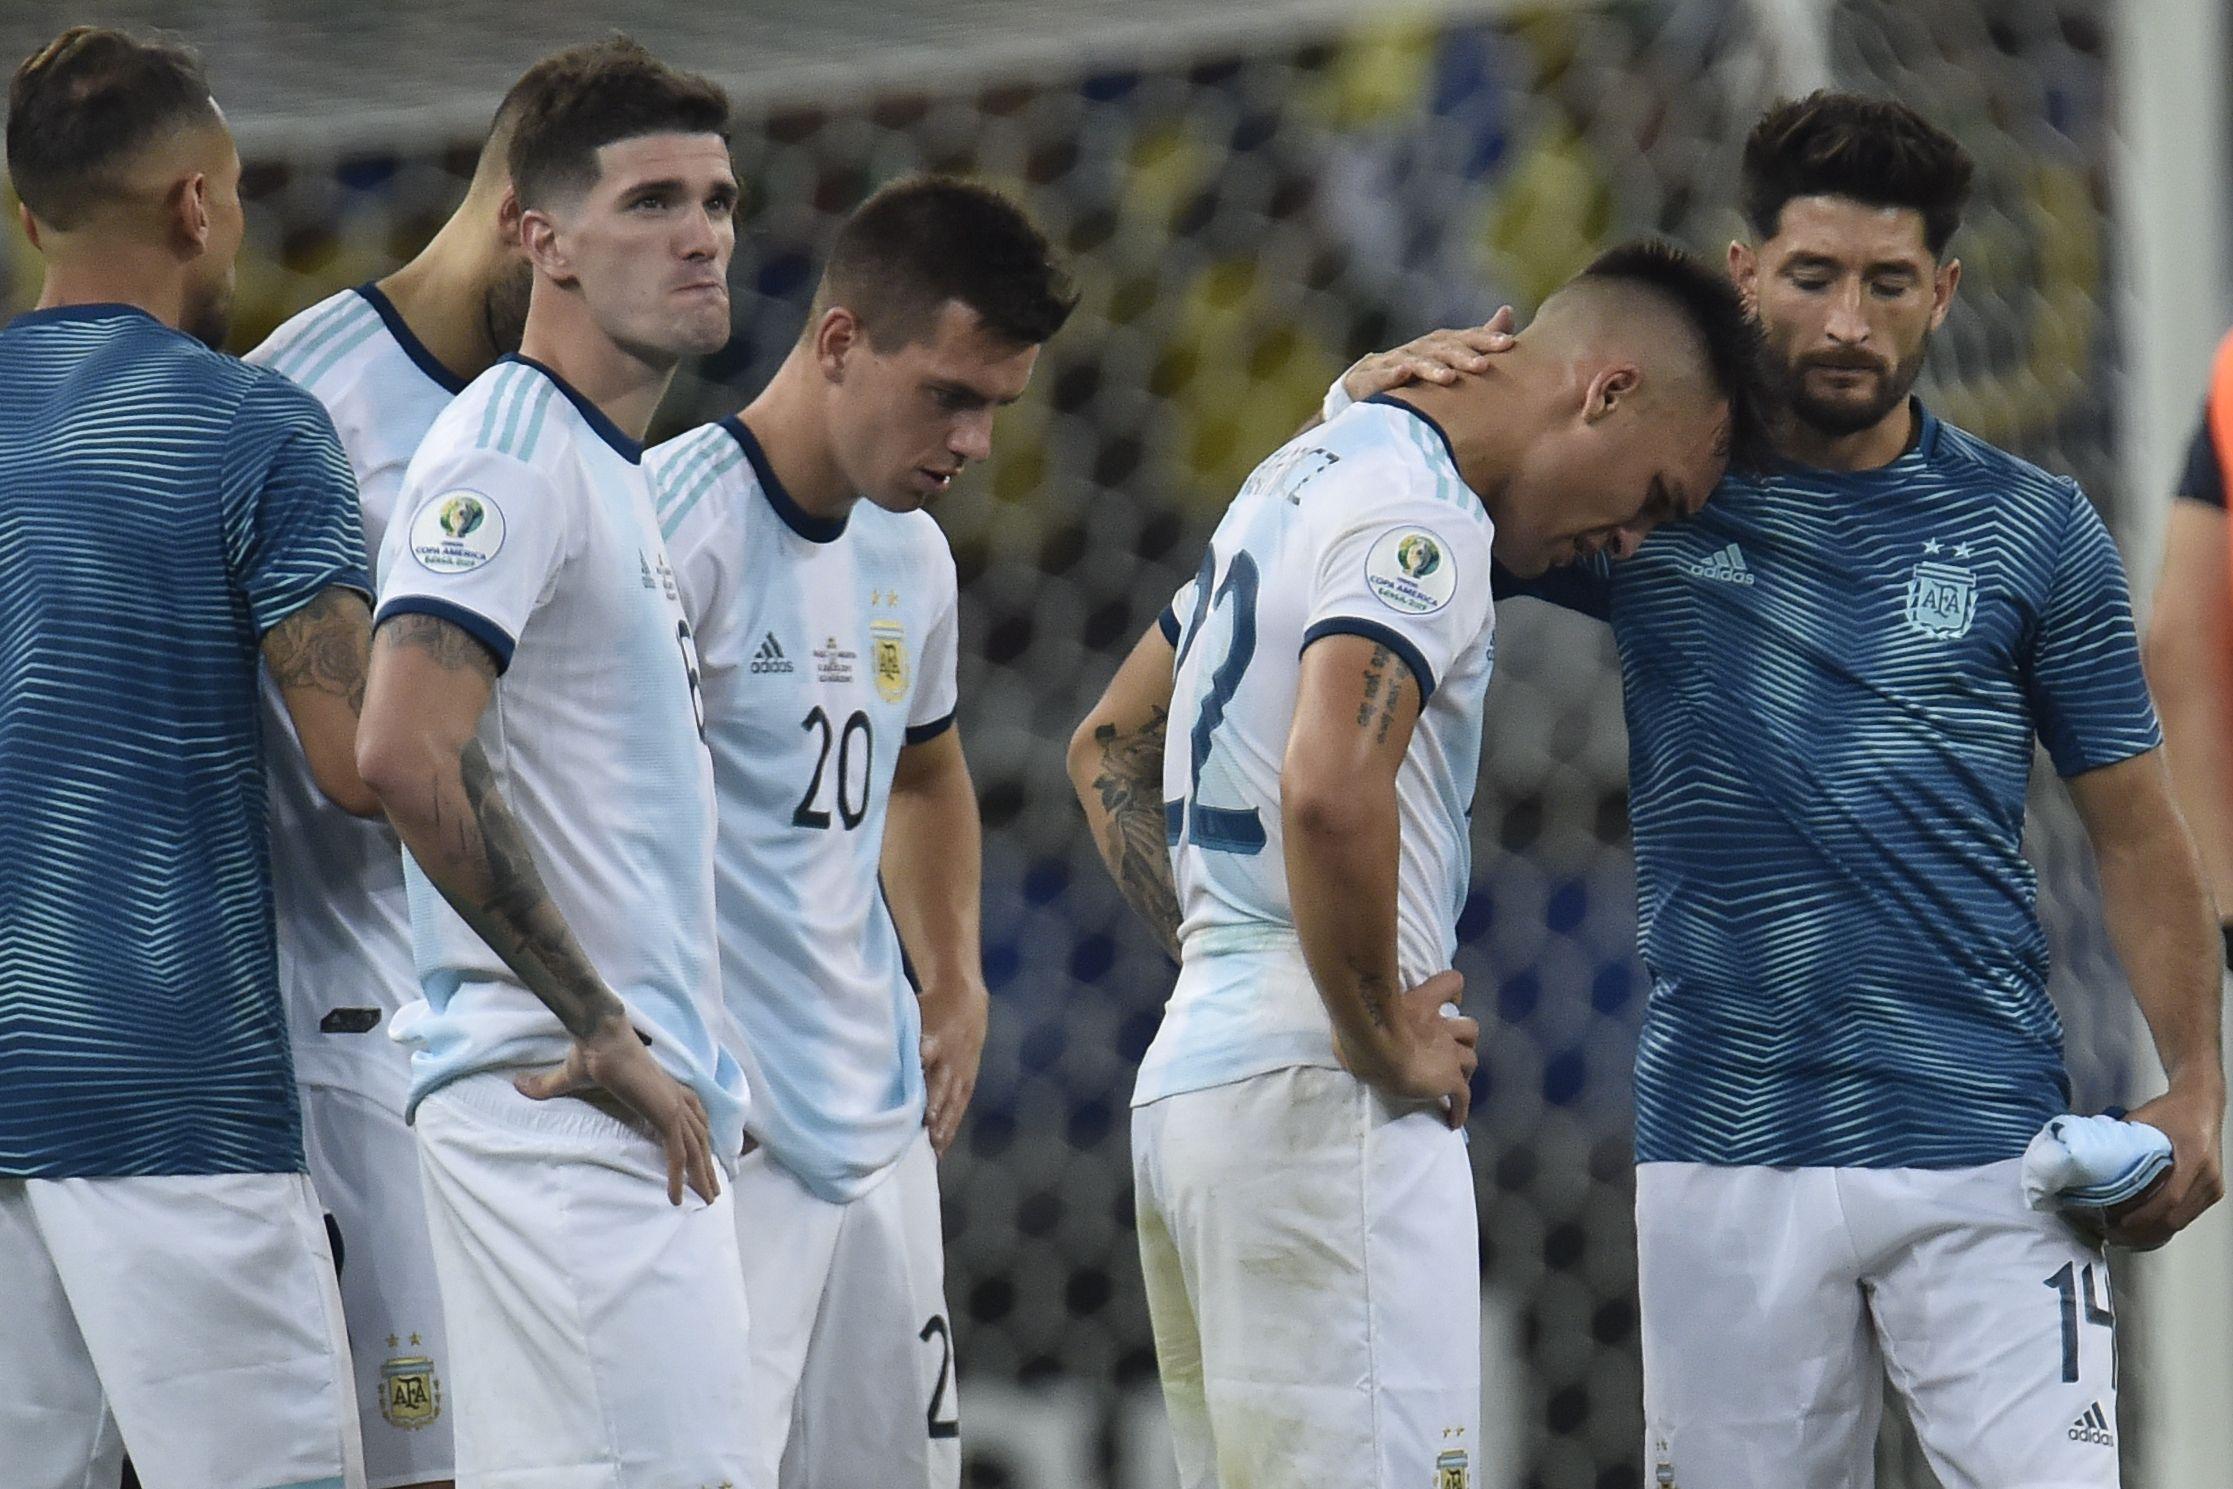 El llanto desconsolado de Lautaro Martínez y Leandro Paredes tras la eliminación de la Copa América